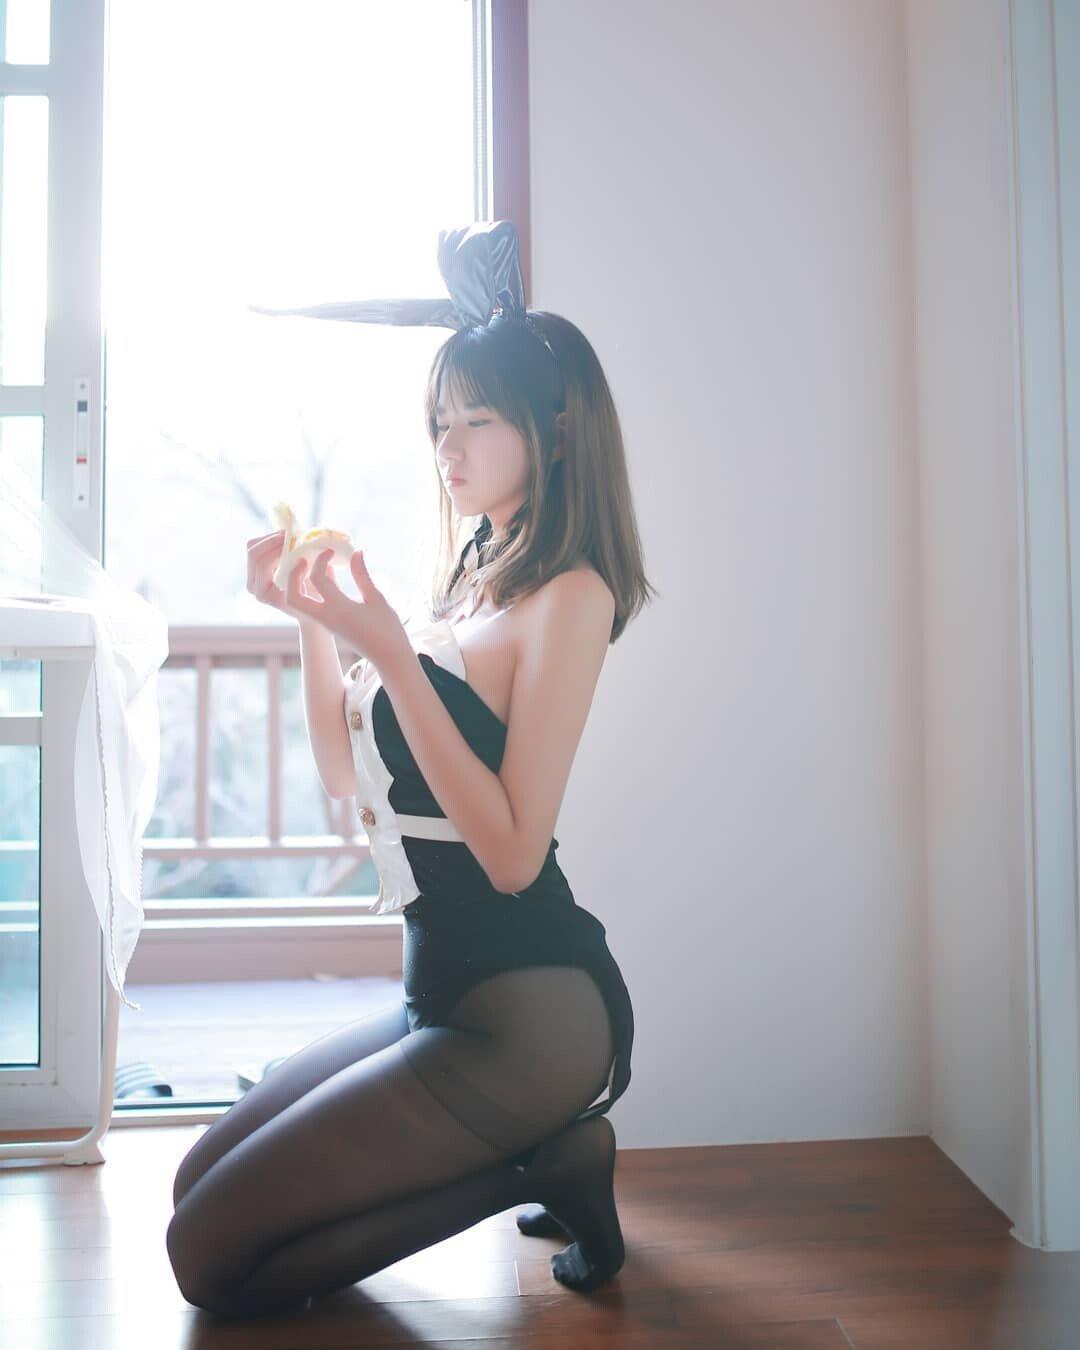 나리_ (97).jpg (ㅇㅎ) 한국 모델겸 코스프레어.jpg